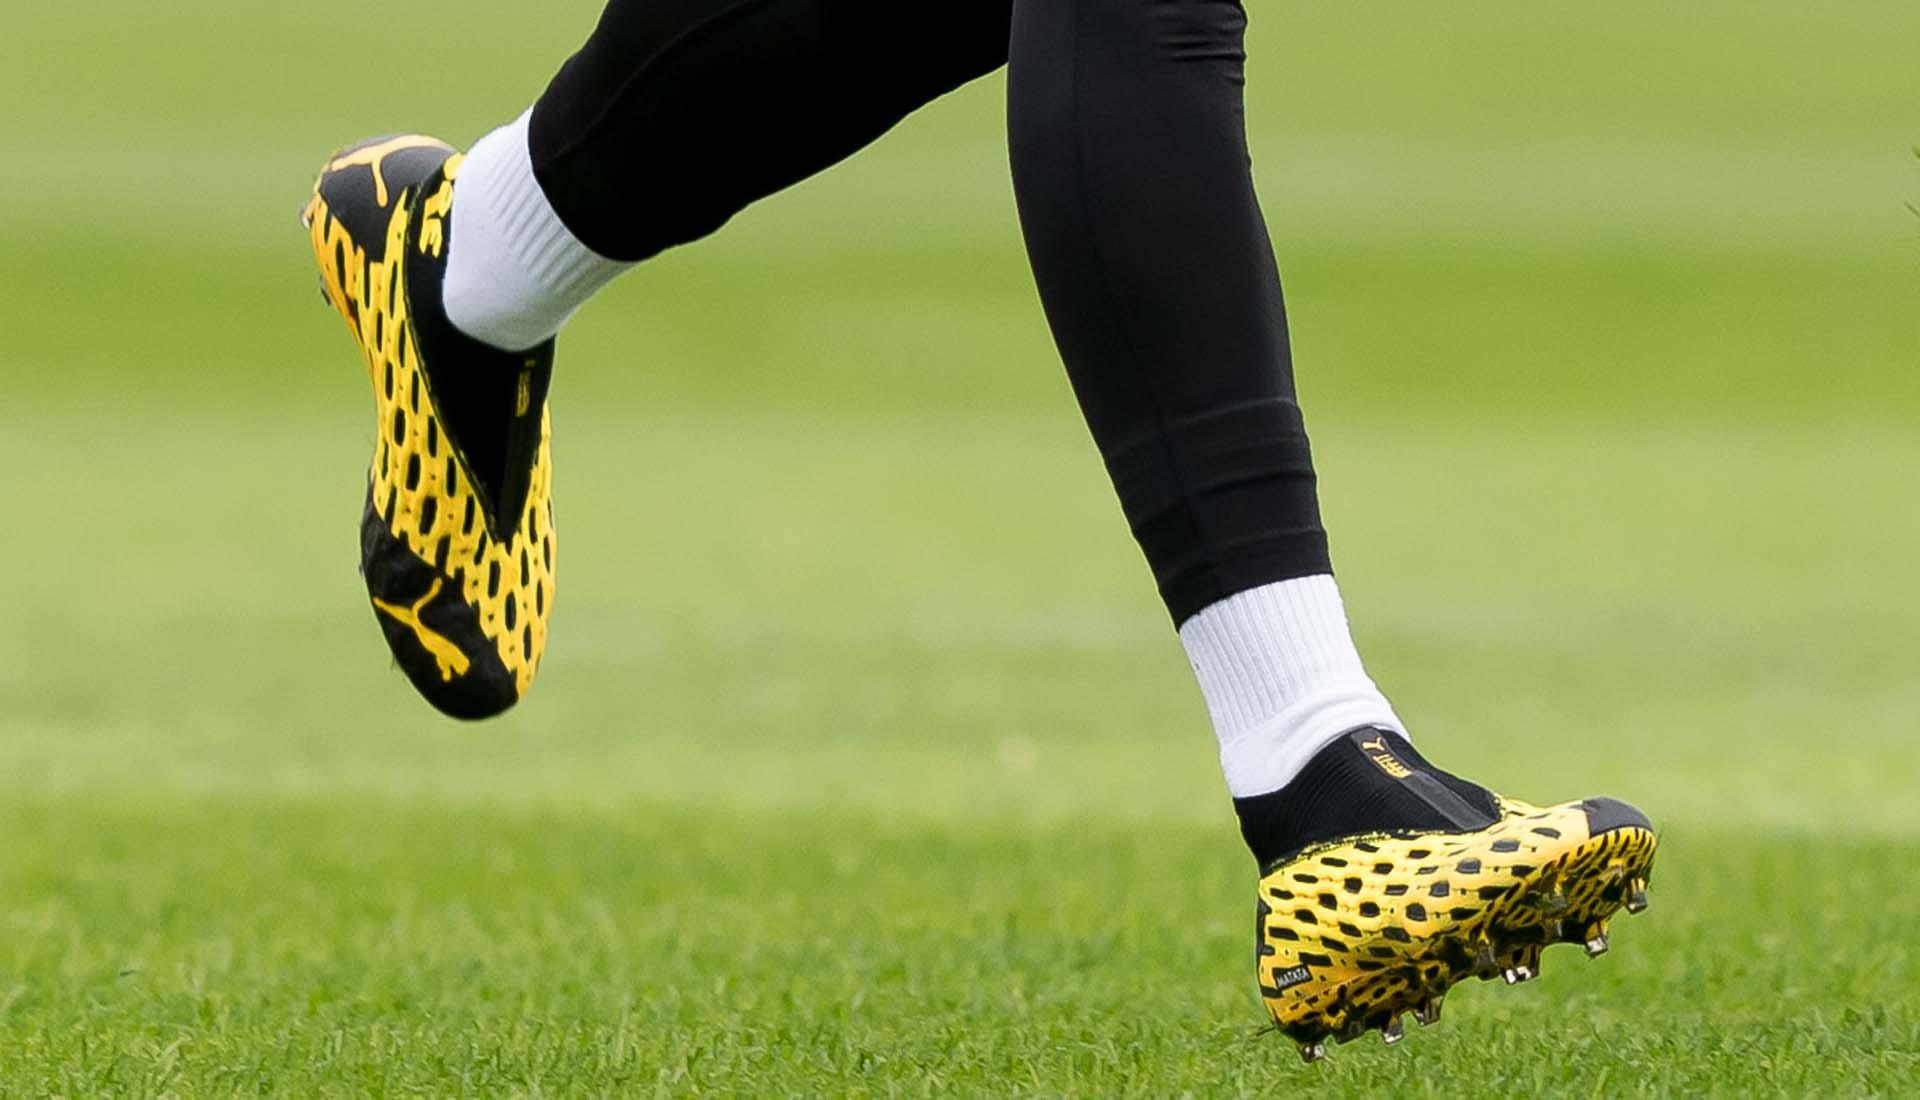 Giày bóng đá 500k là phân khúc giày fake thương hiệu nổi tiếng Nike Adidas